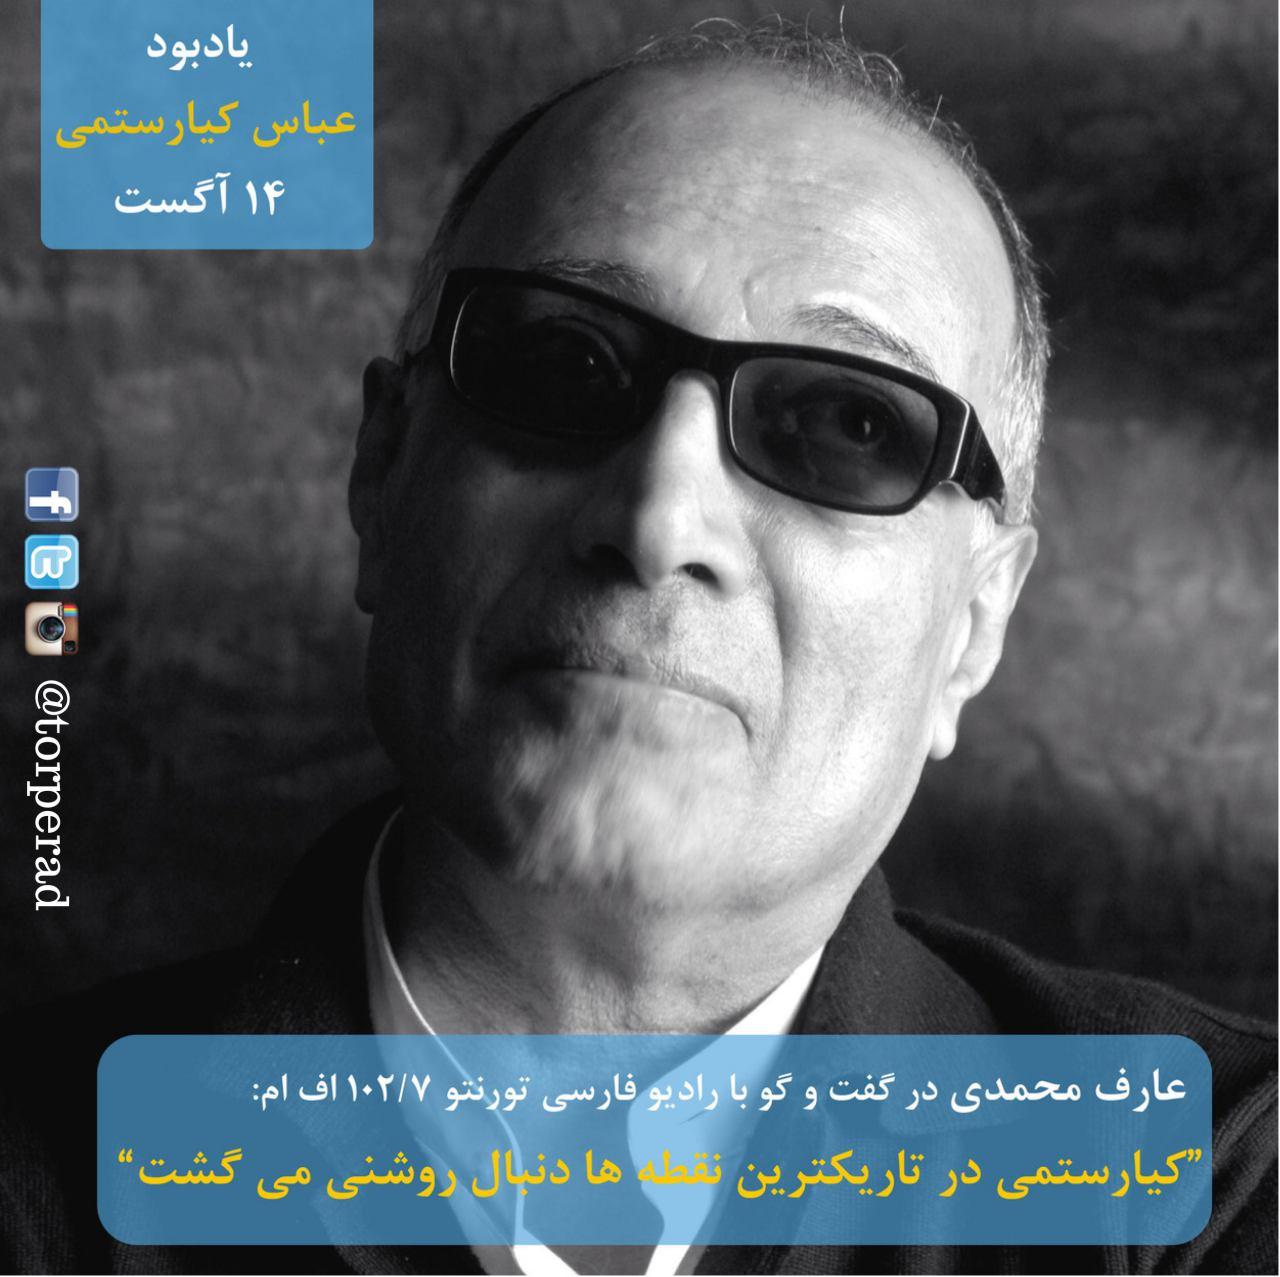 گفتگوی رادیو فارسی تورنتو با عارف محمدی